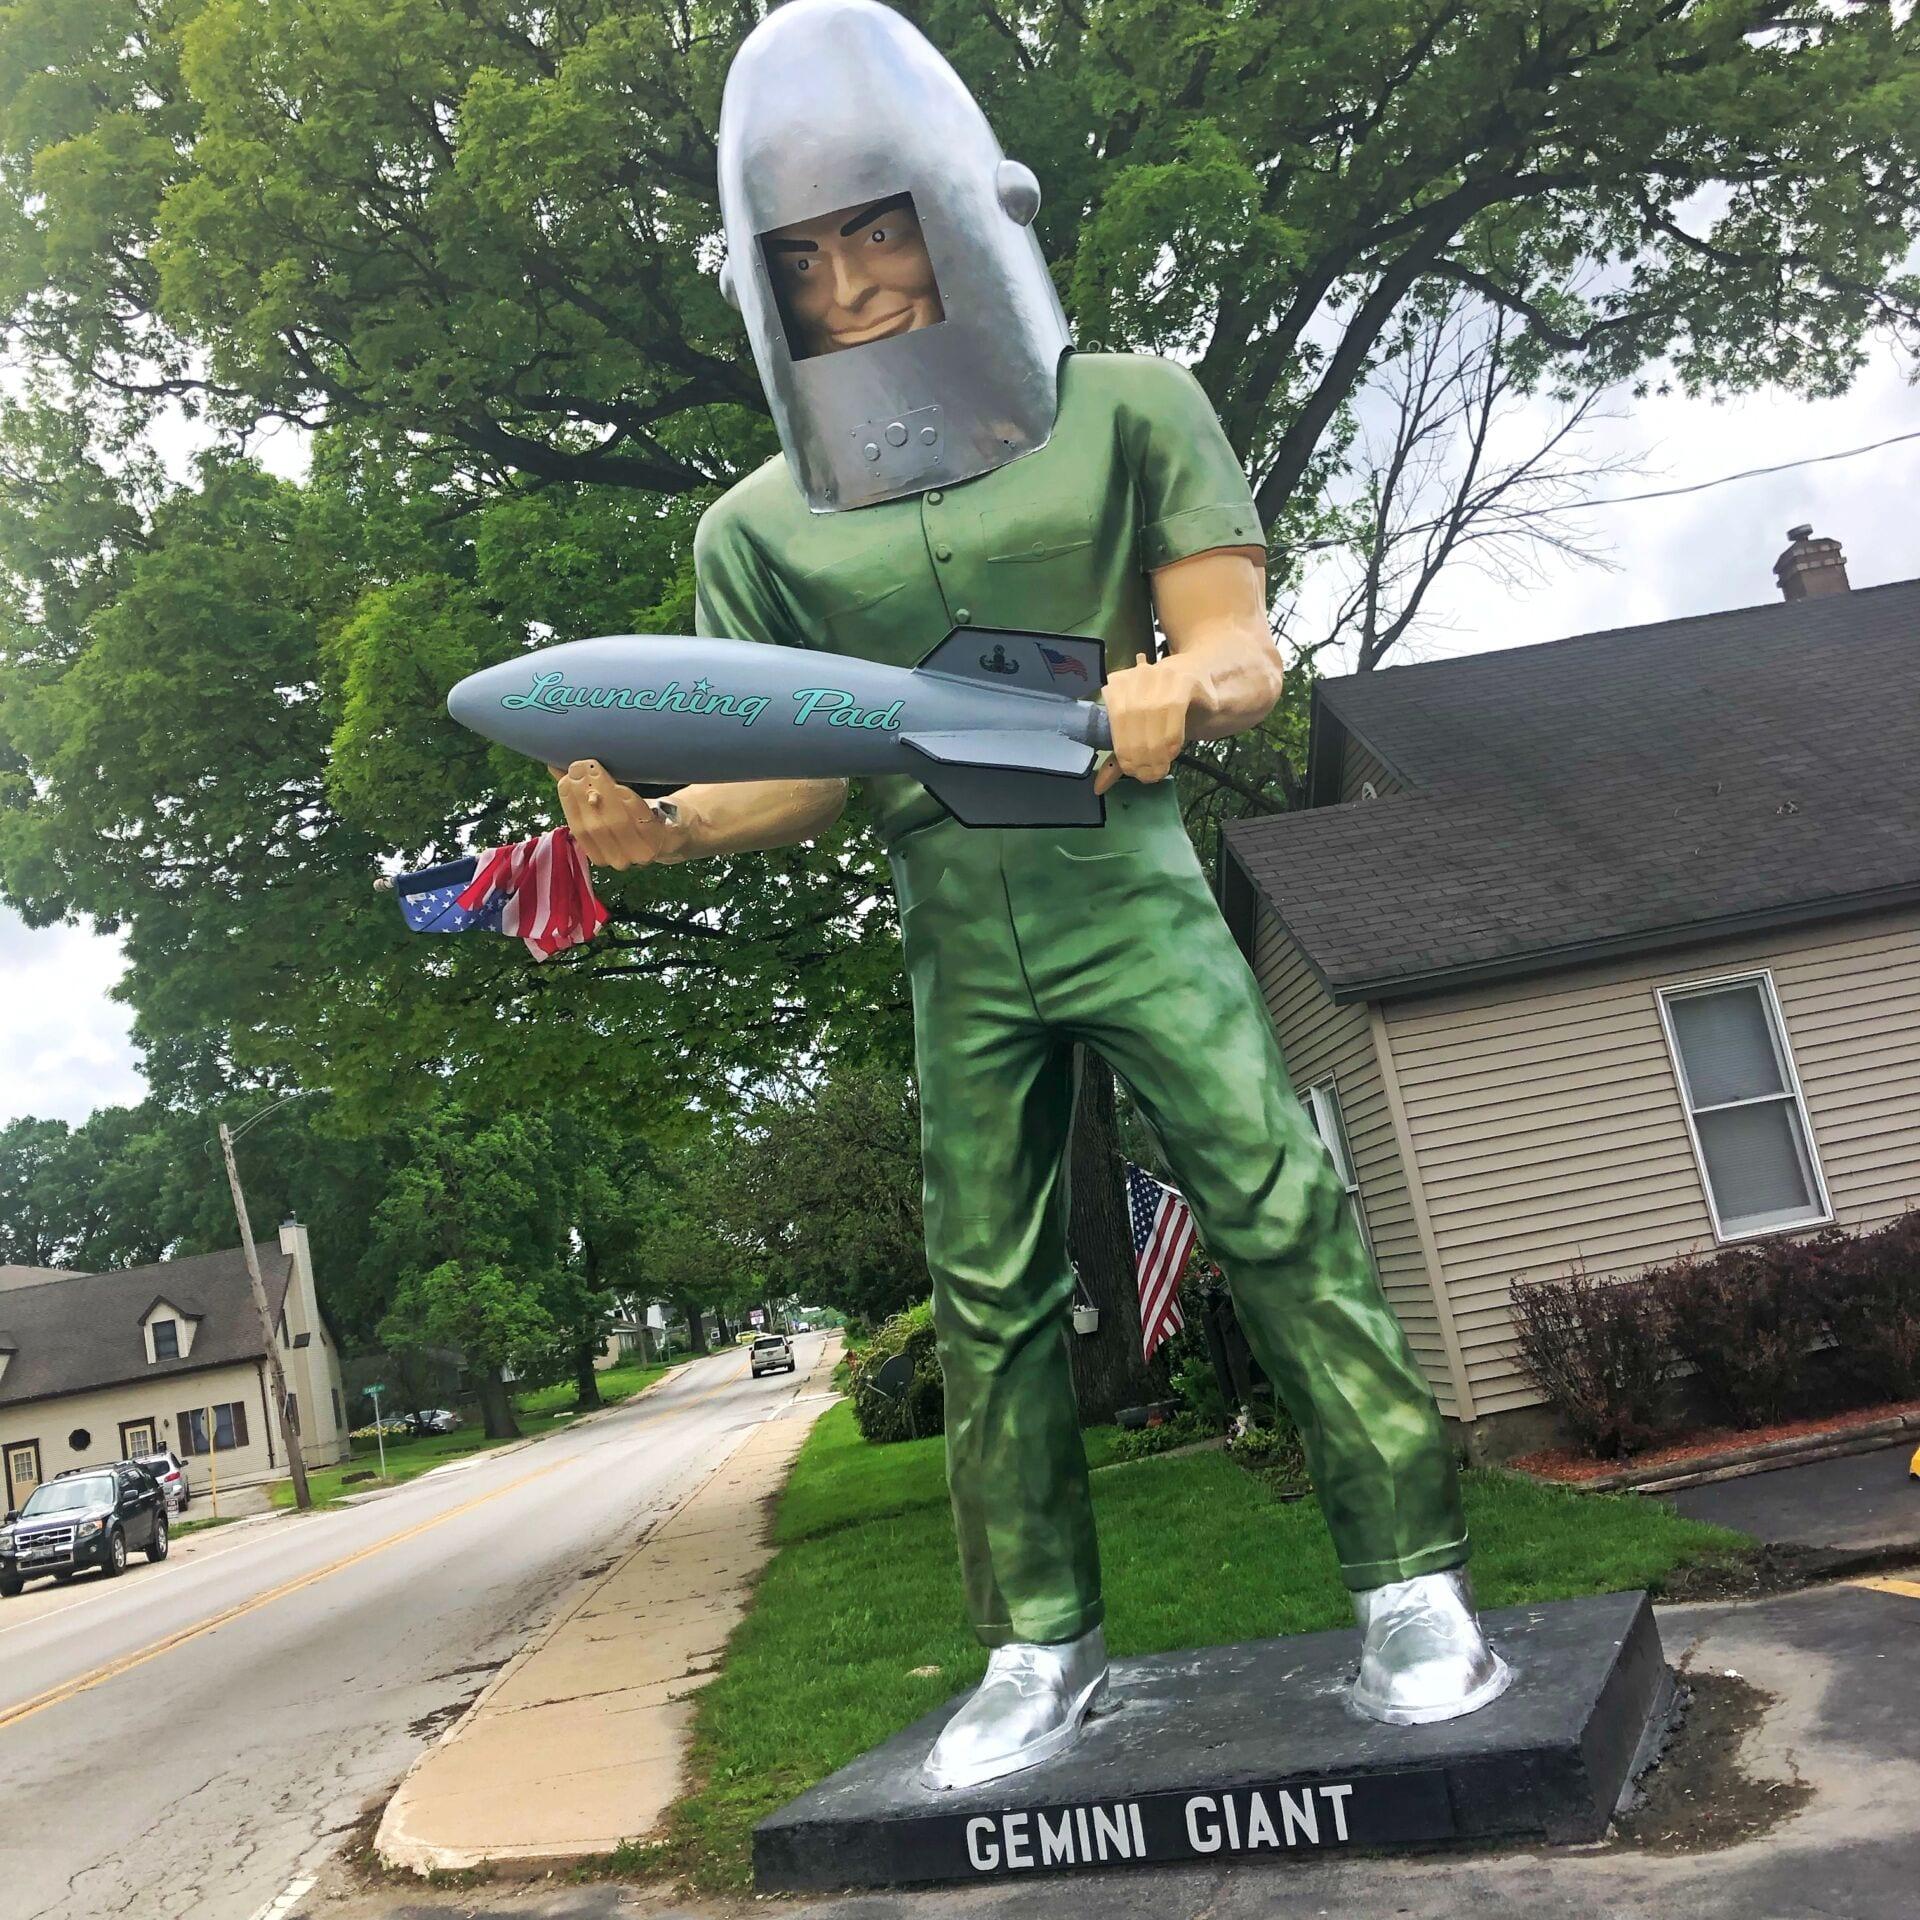 Gemini Giant Route 66 Illinois